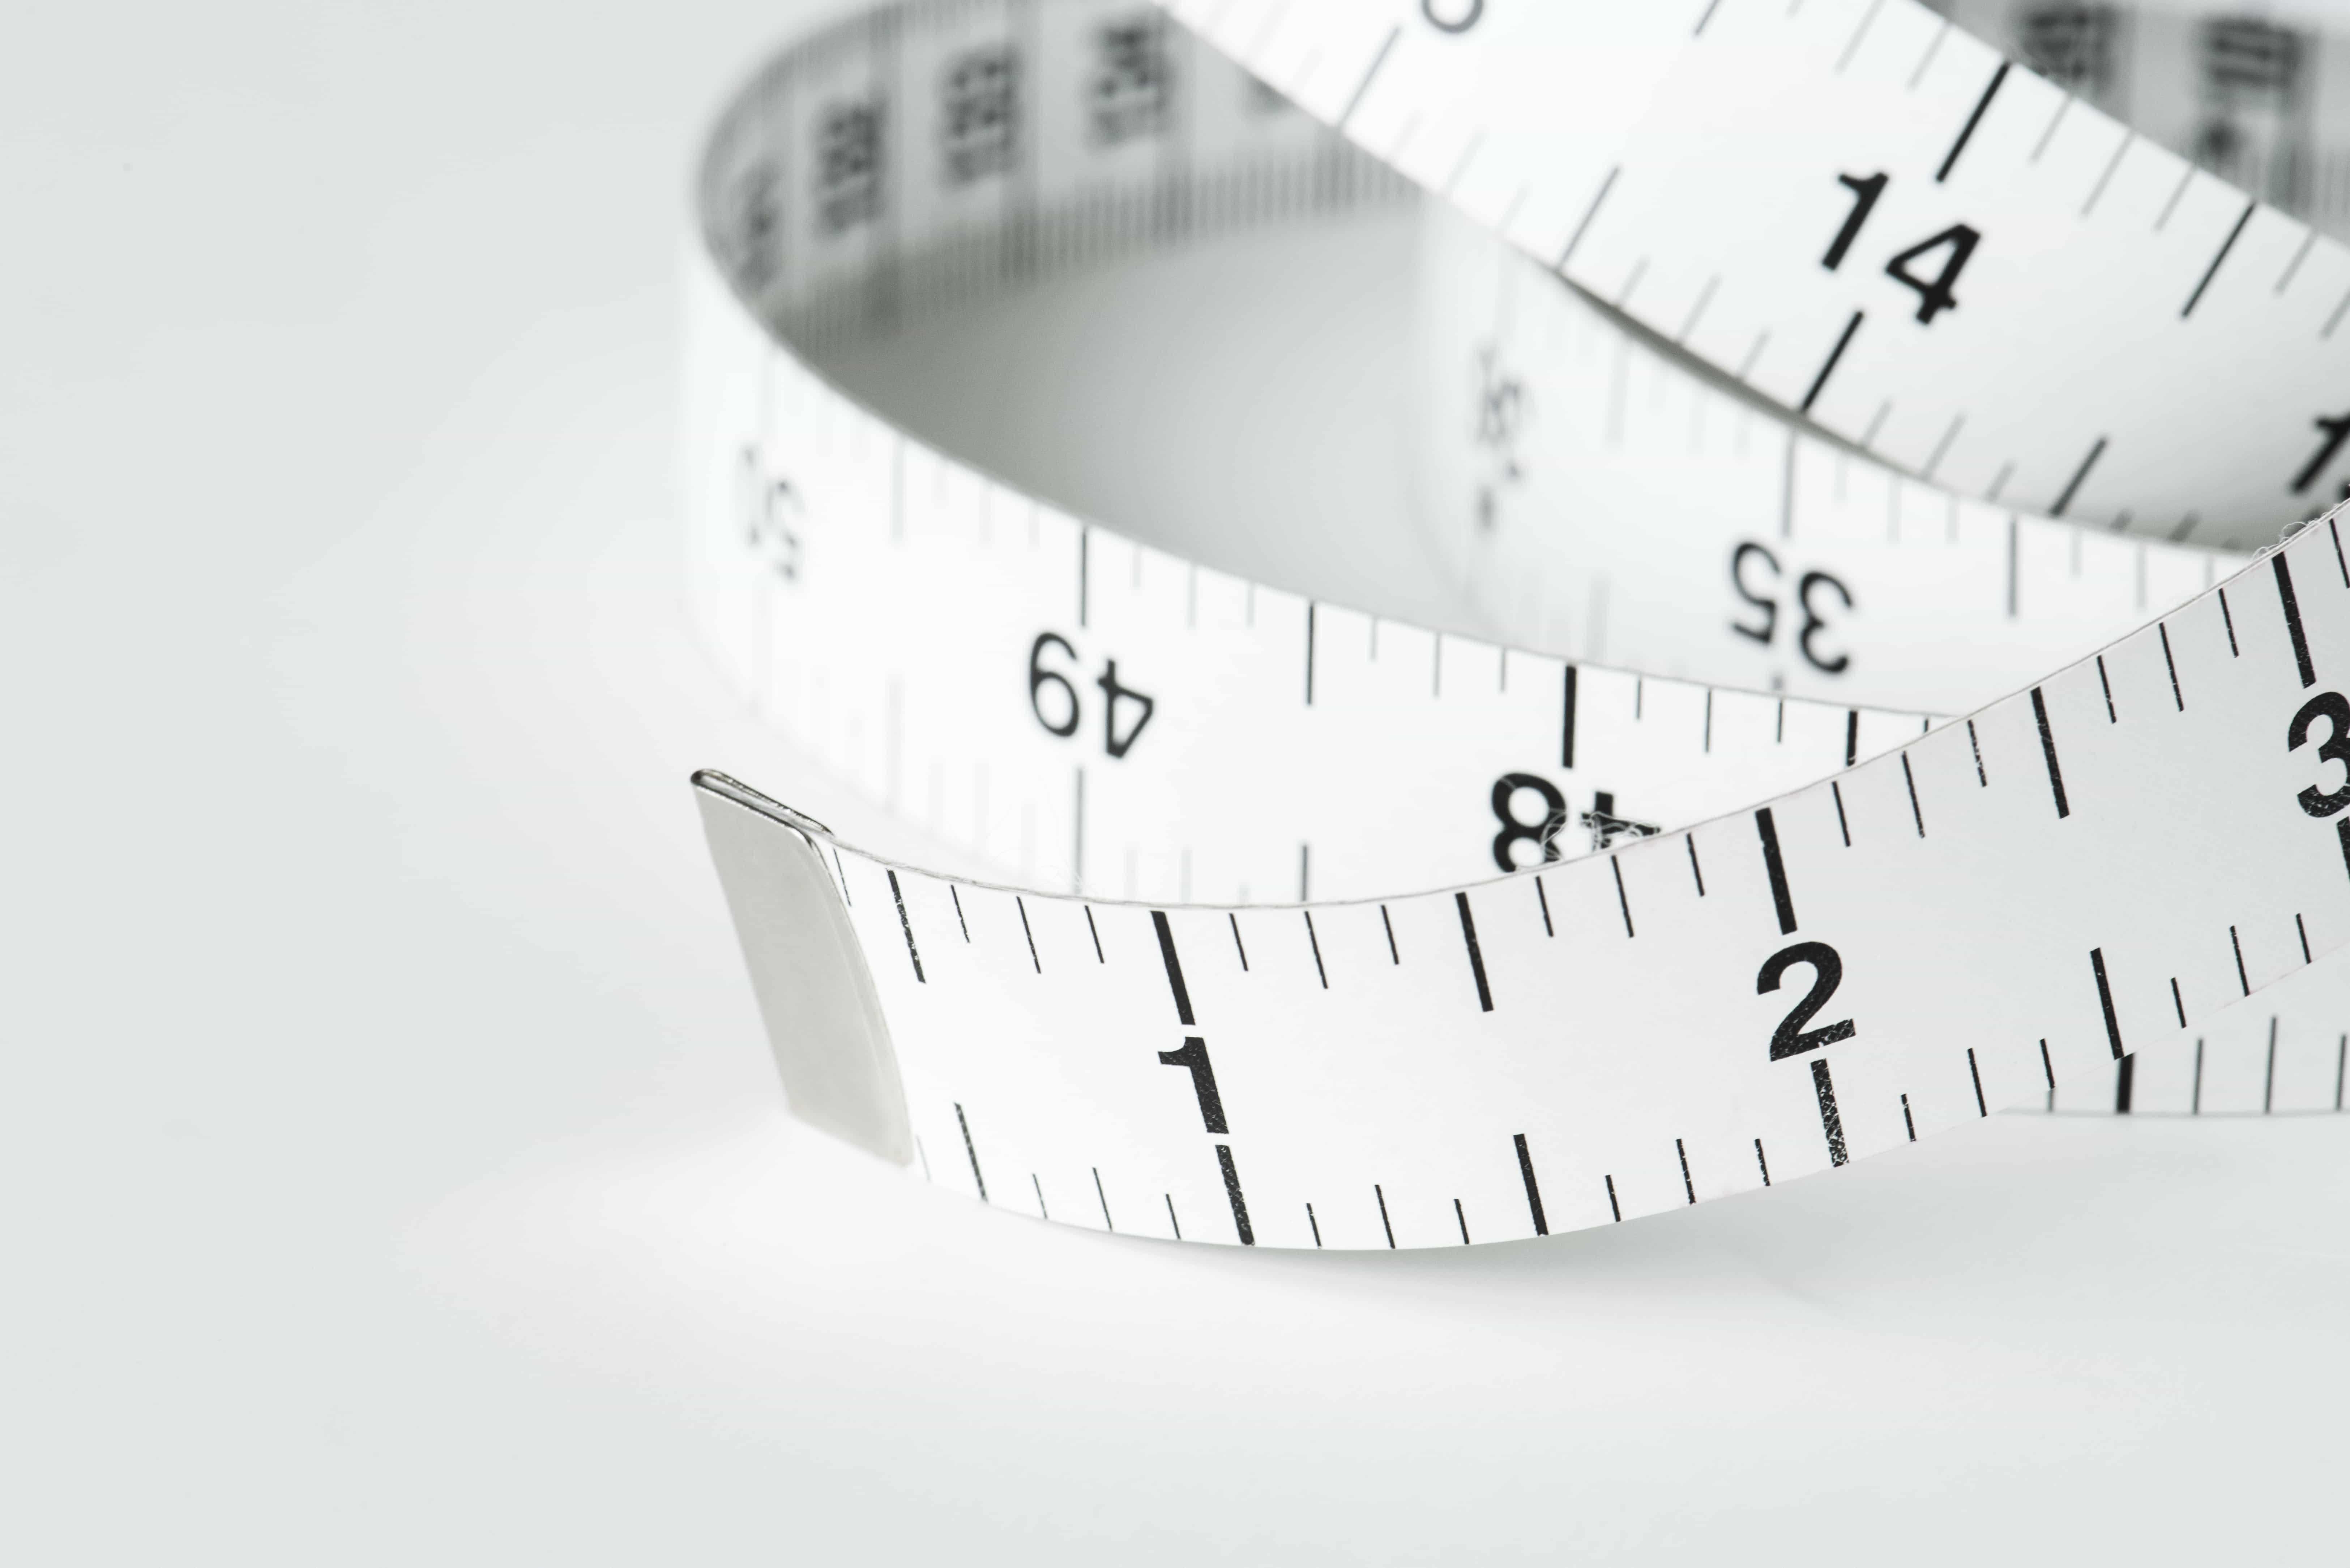 cum se mărește penisul în lungime și lățime